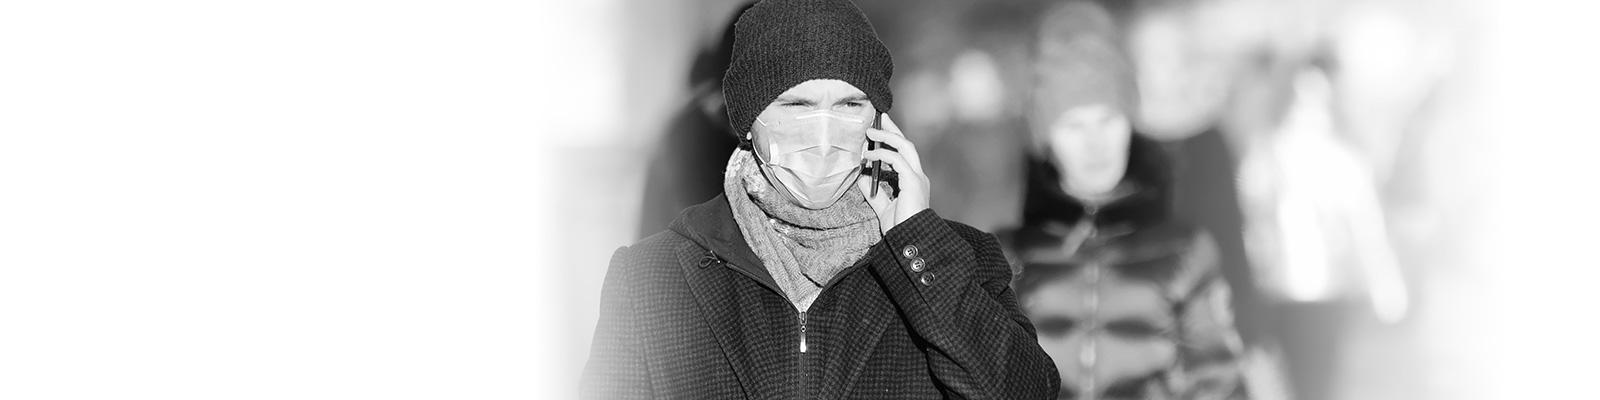 欧州 マスク 人々 イメージ